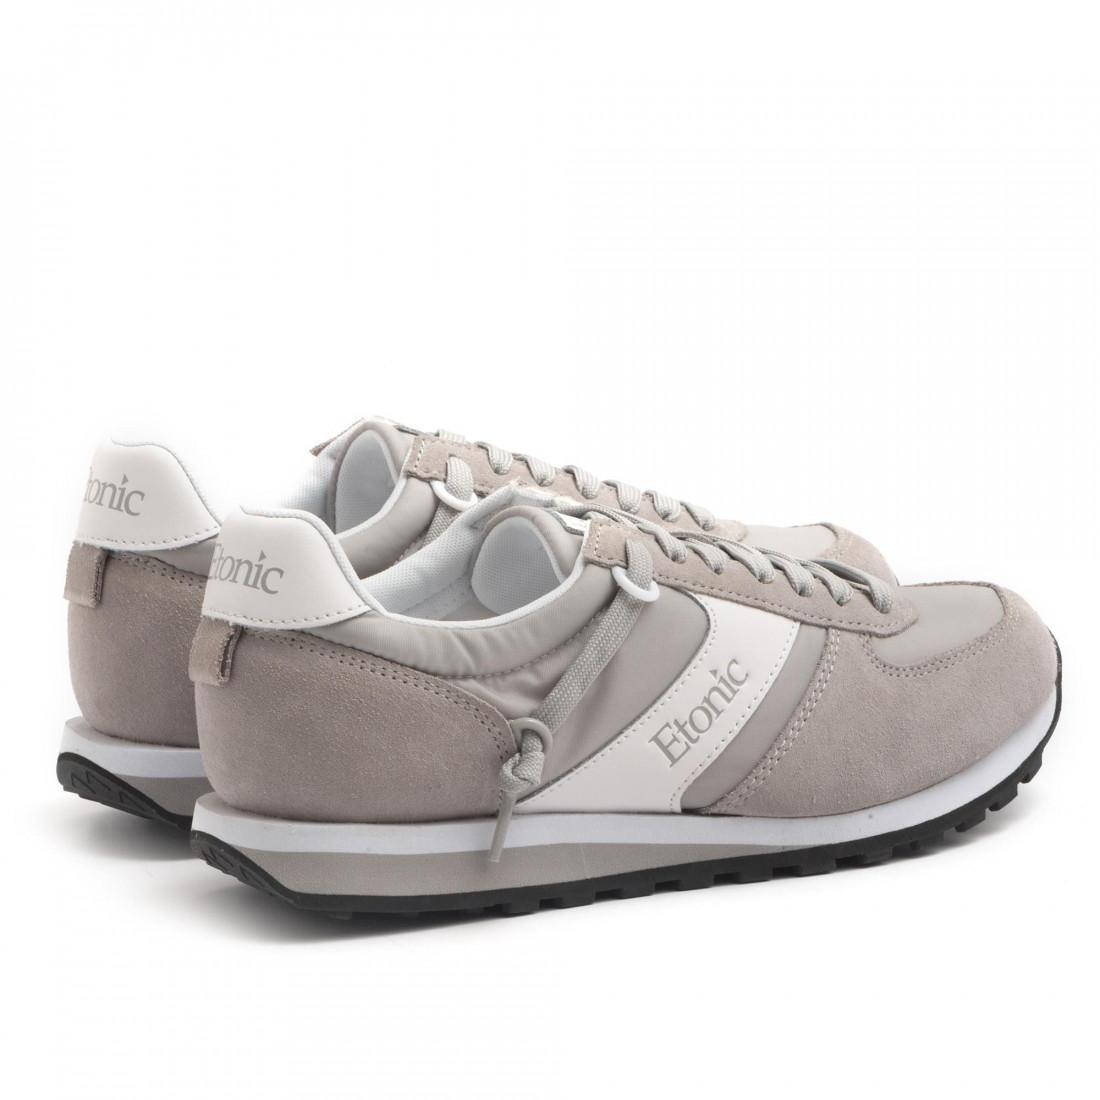 sneakers uomo etonic 25203 3005